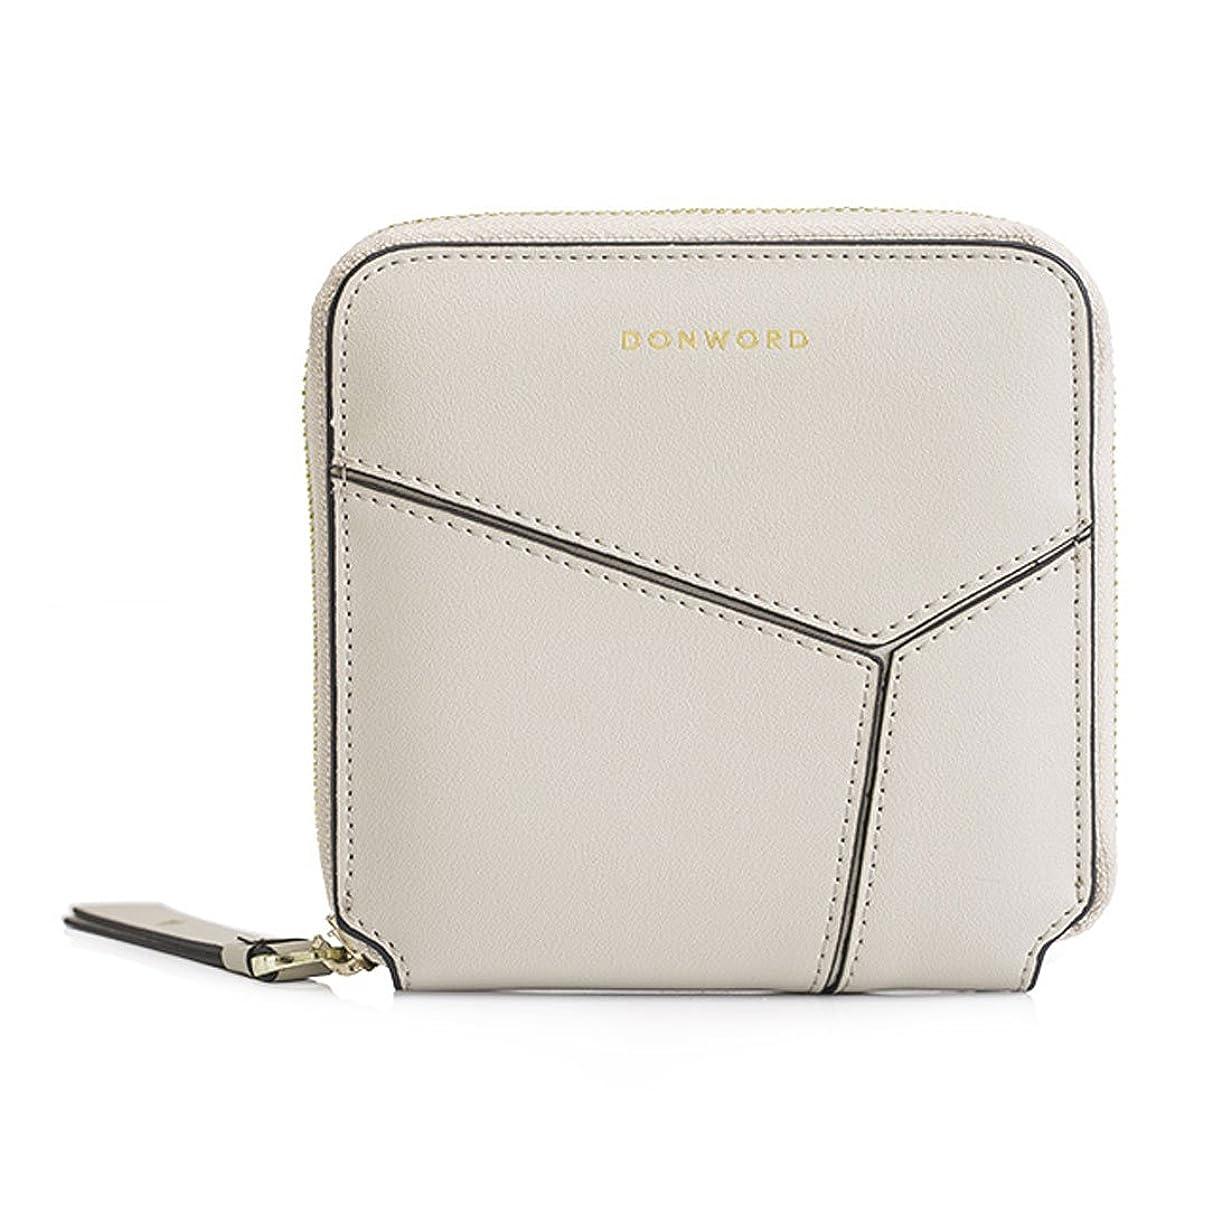 原因名前で制限された[Nana_Collection(ナナコレクション)] コンパクト 薄い 小さいのに大容量 牛皮 革財布 女性 ギフト 全5色